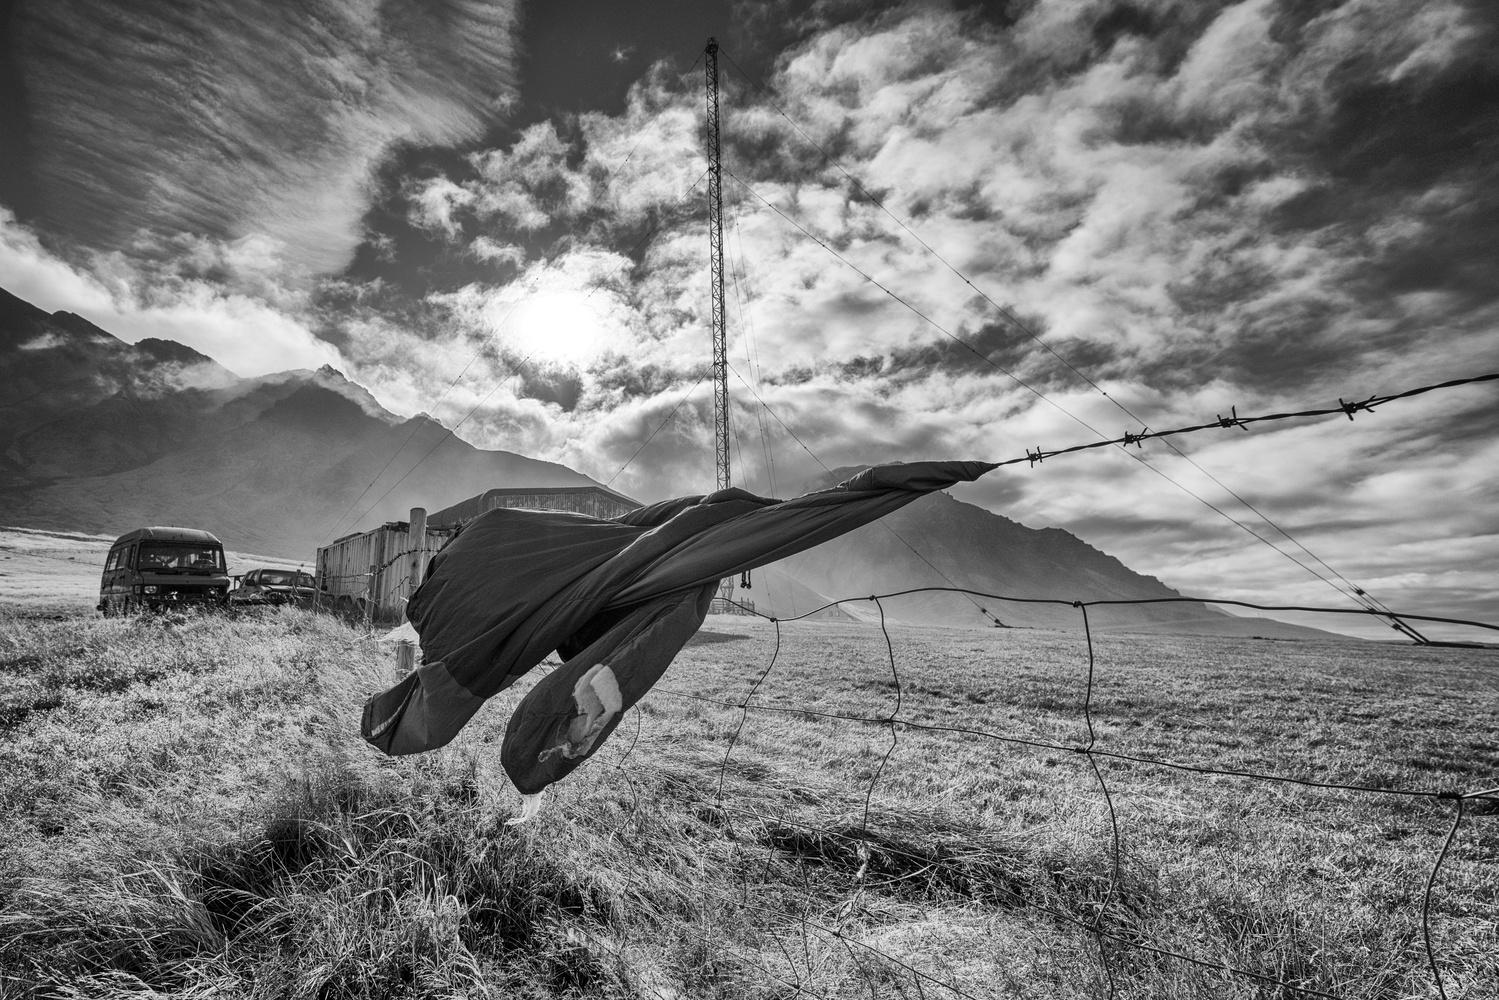 Wind by Achim Hofbauer